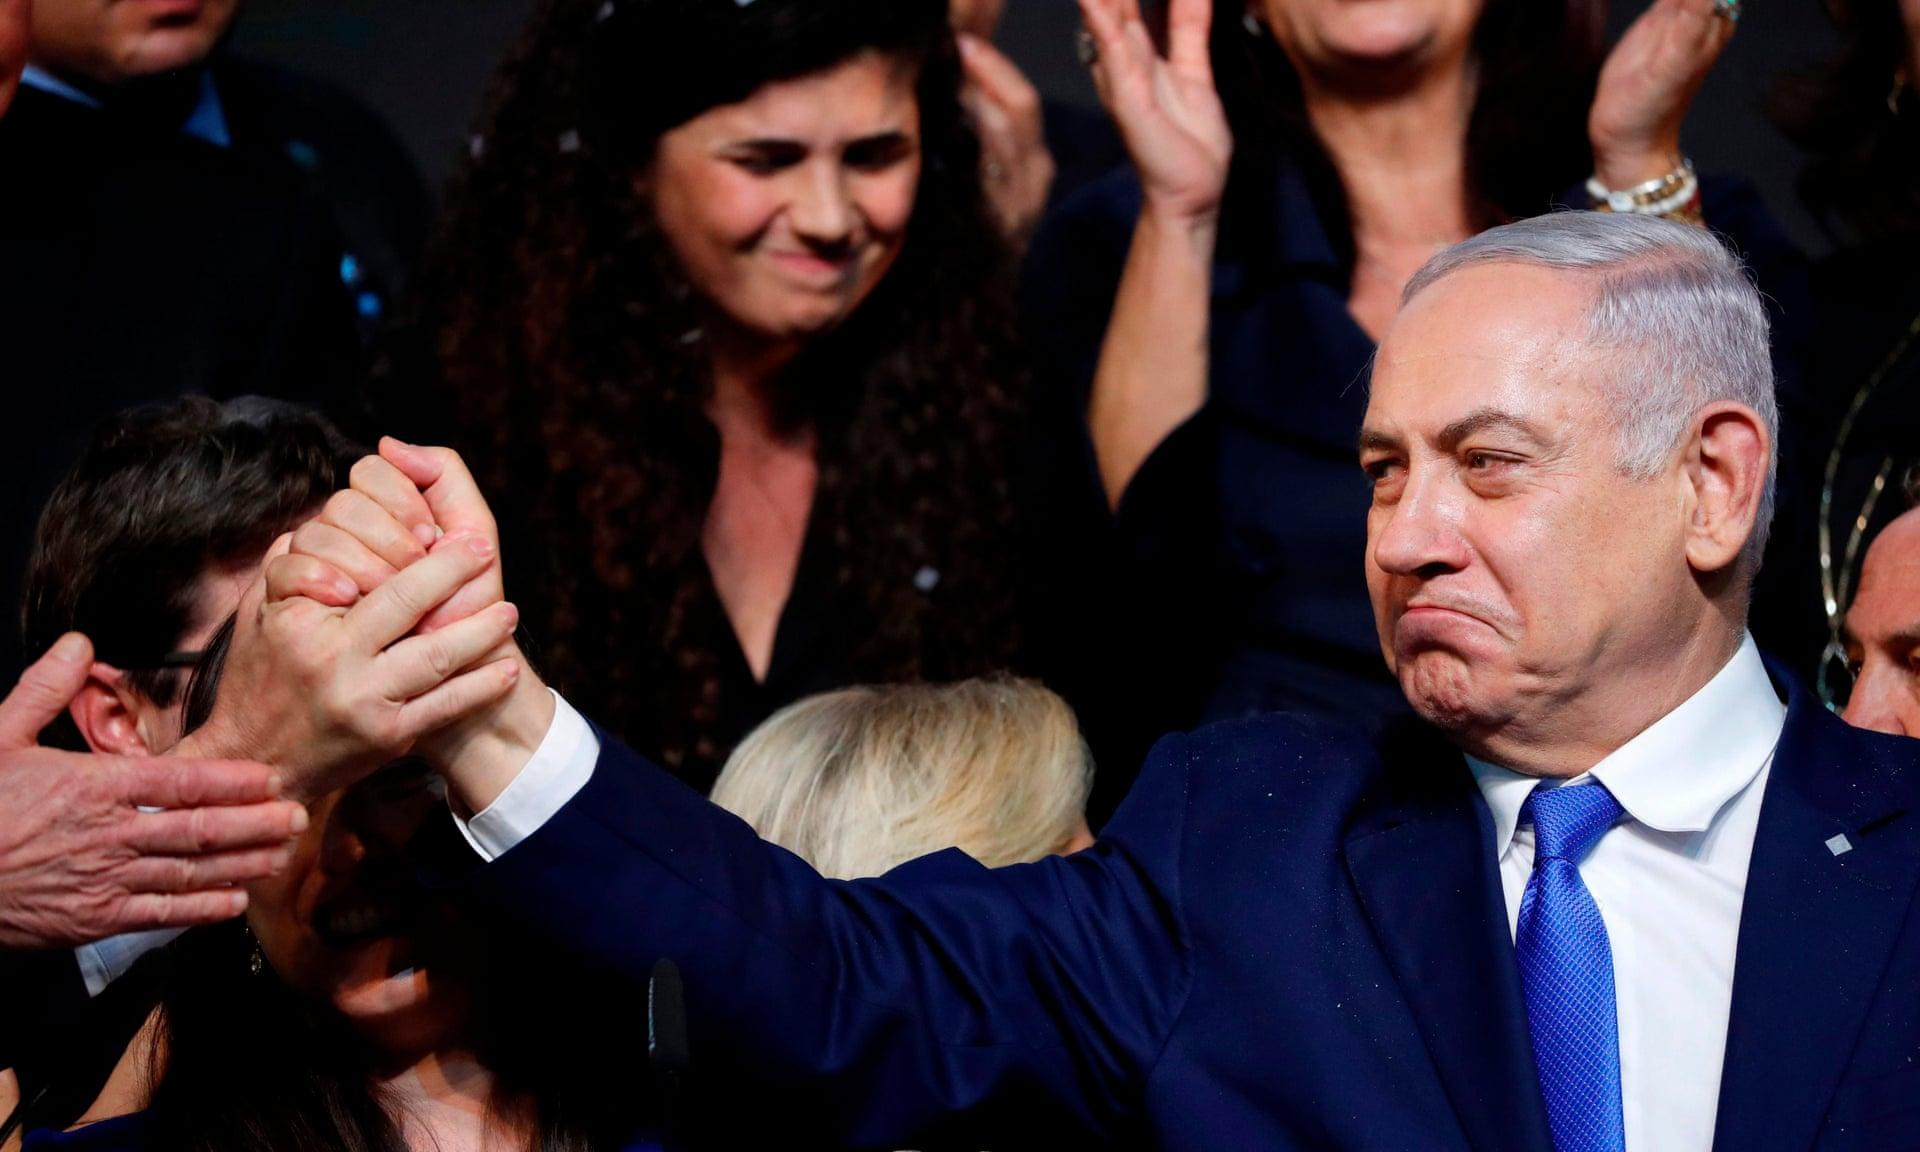 ادامه نخست وزیری نتانیاهو چه تاثیری بر رابطه ایران با اسراییل دارد؟